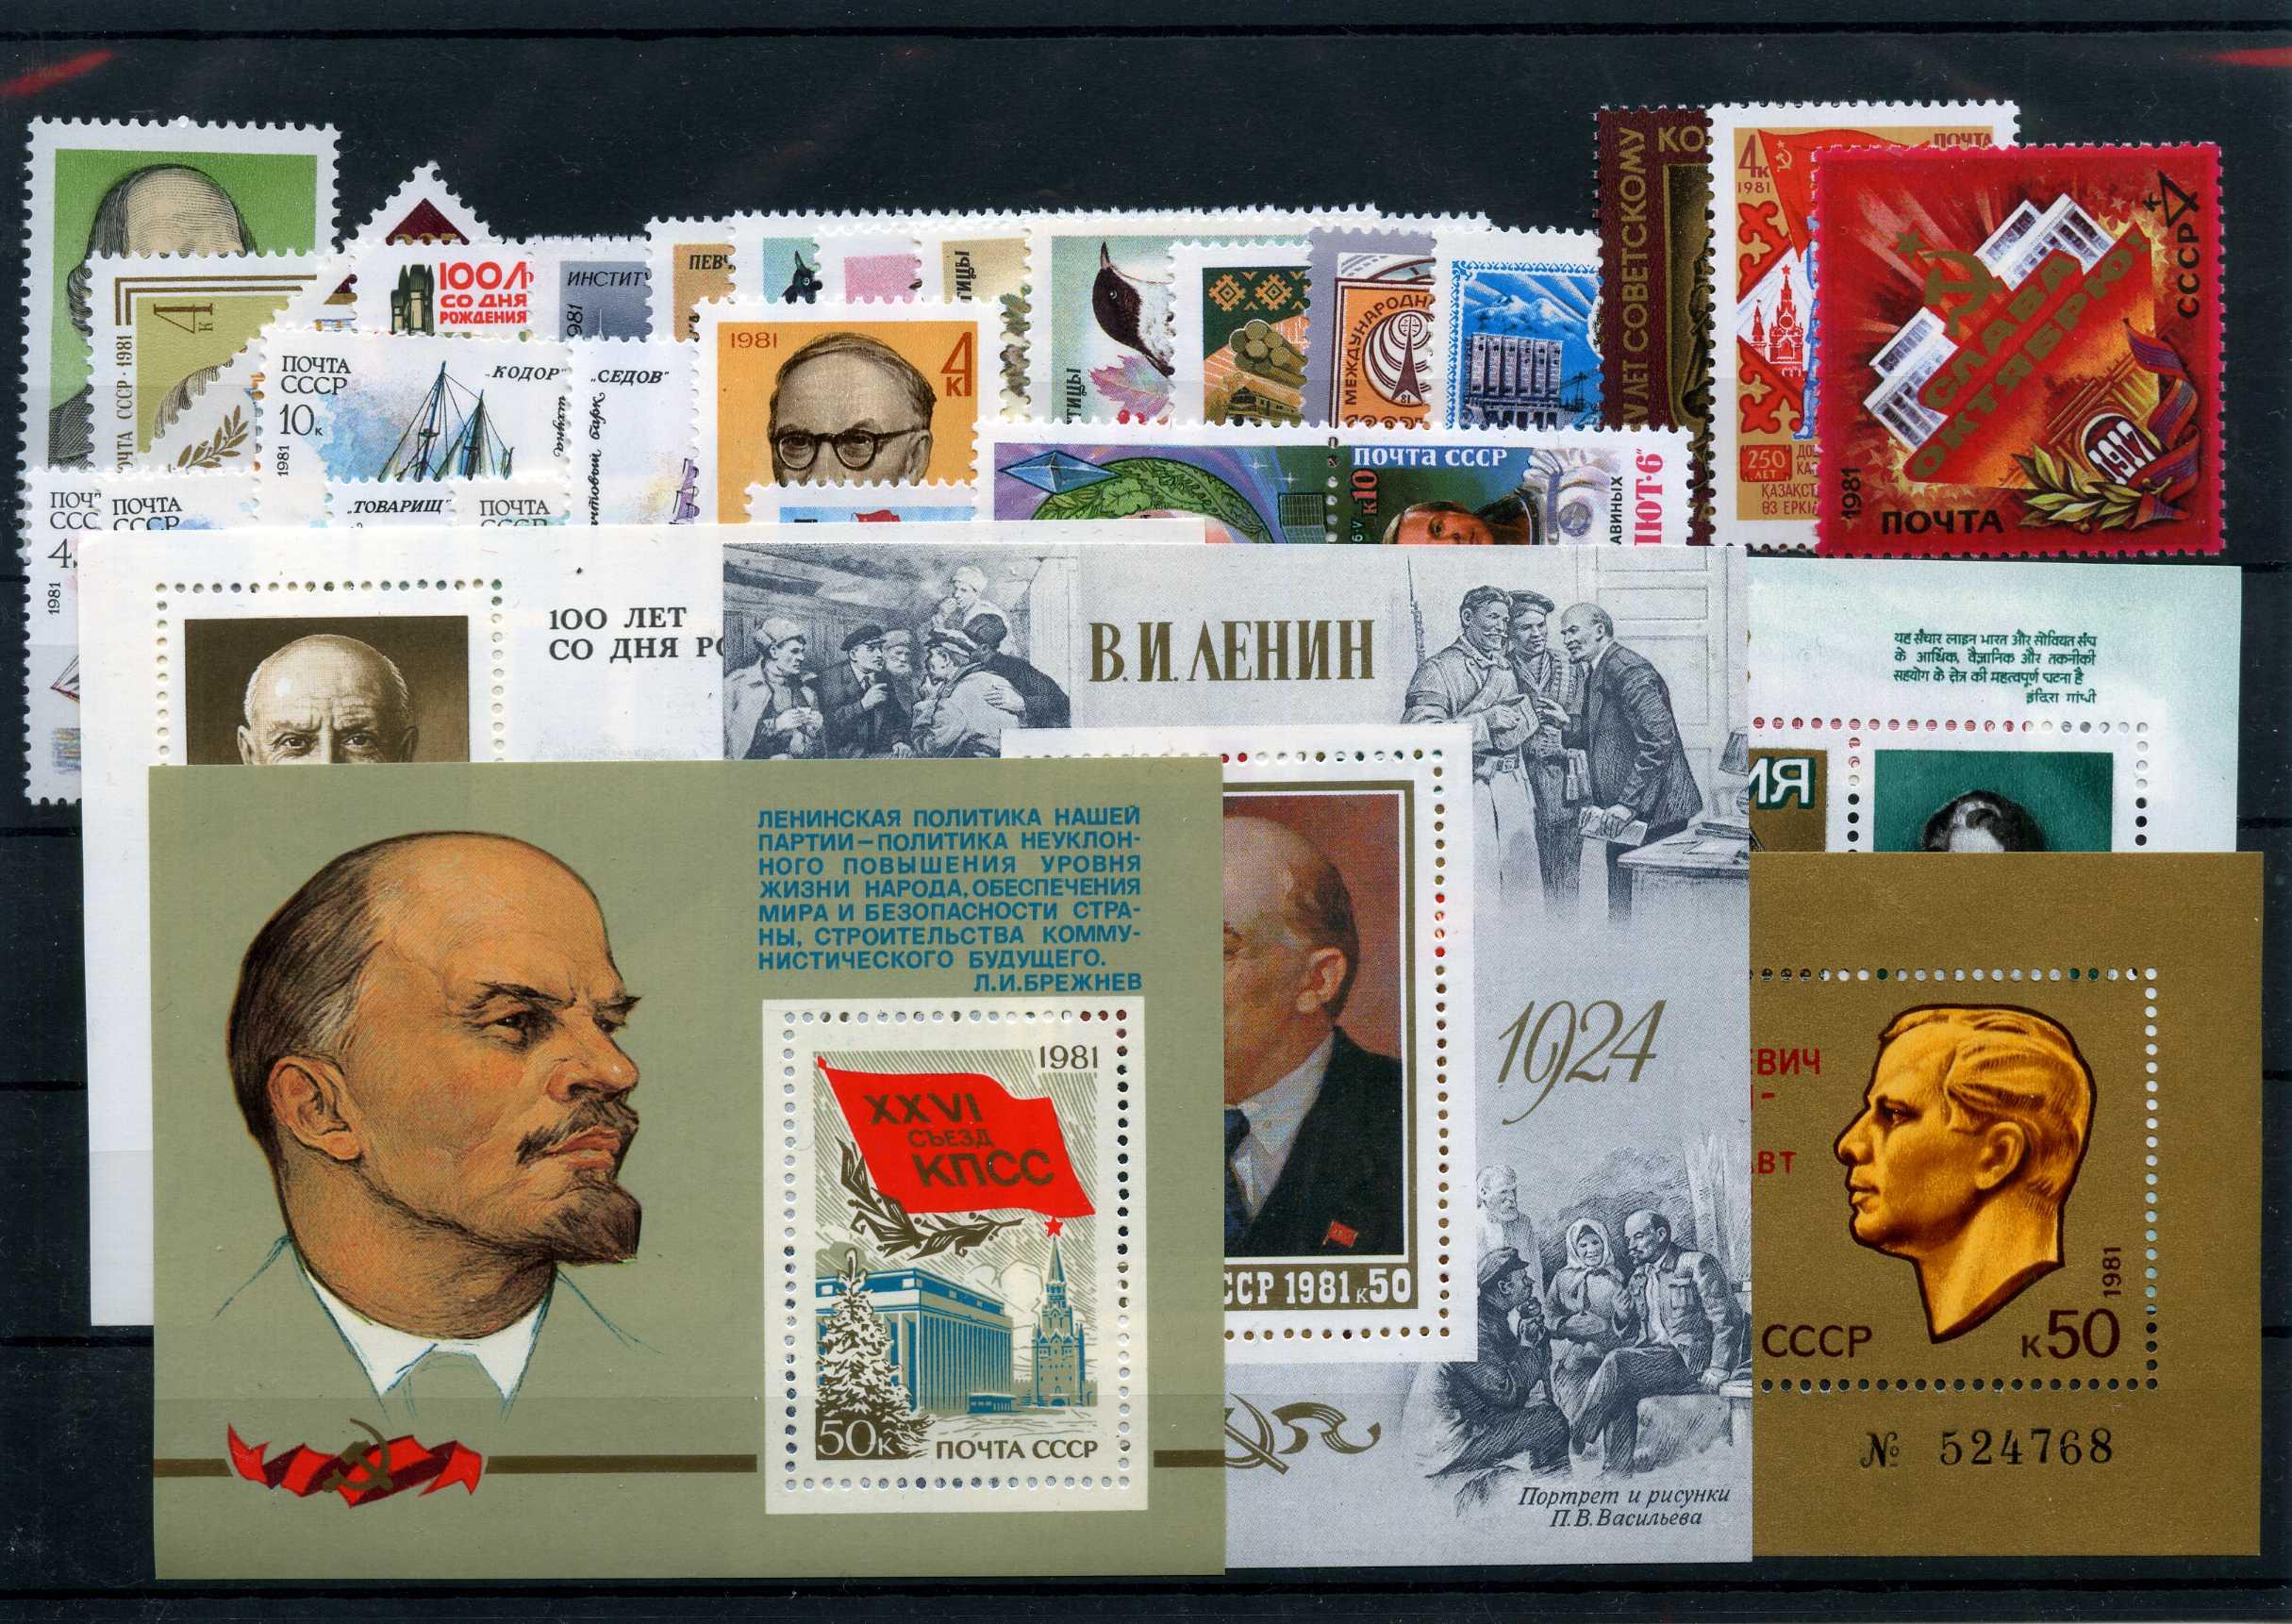 Годовой набор почтовых марок СССР 1981 год, 106 почтовых марок, 5 почтовых блока